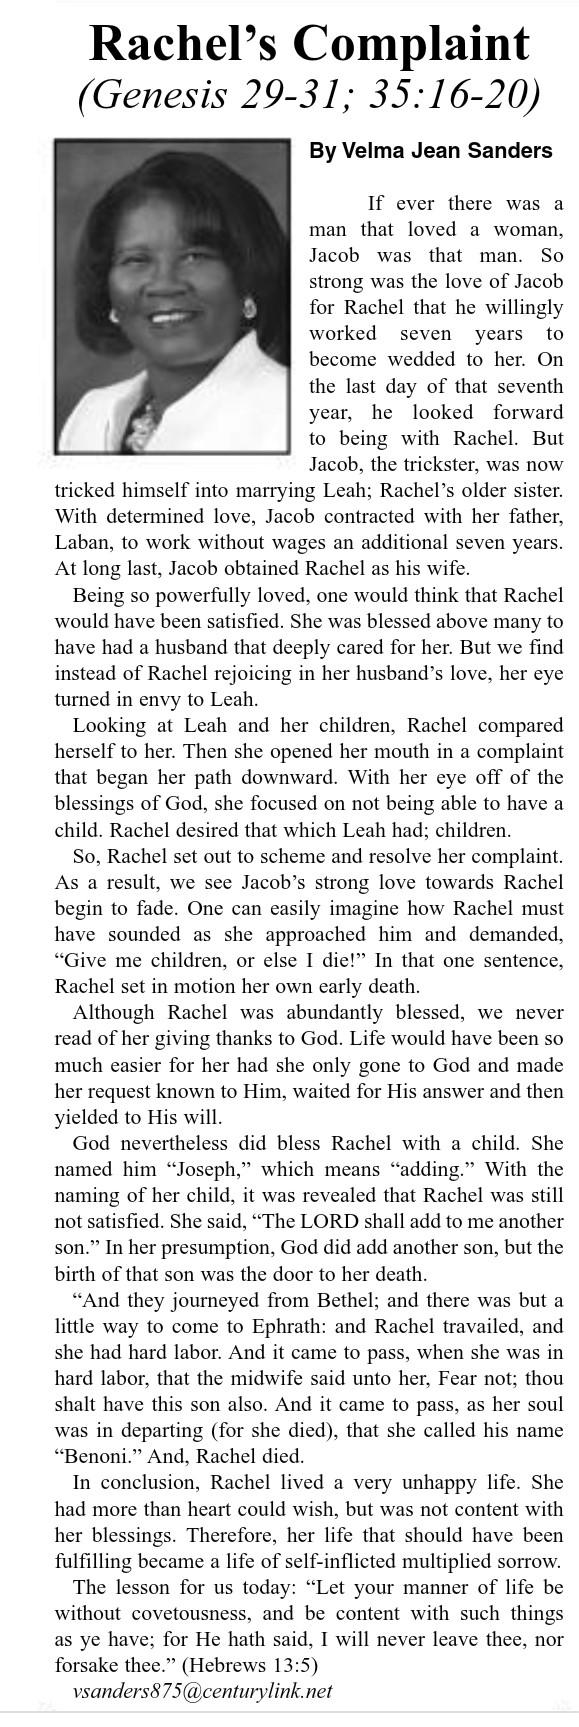 Rachel's Complaint article